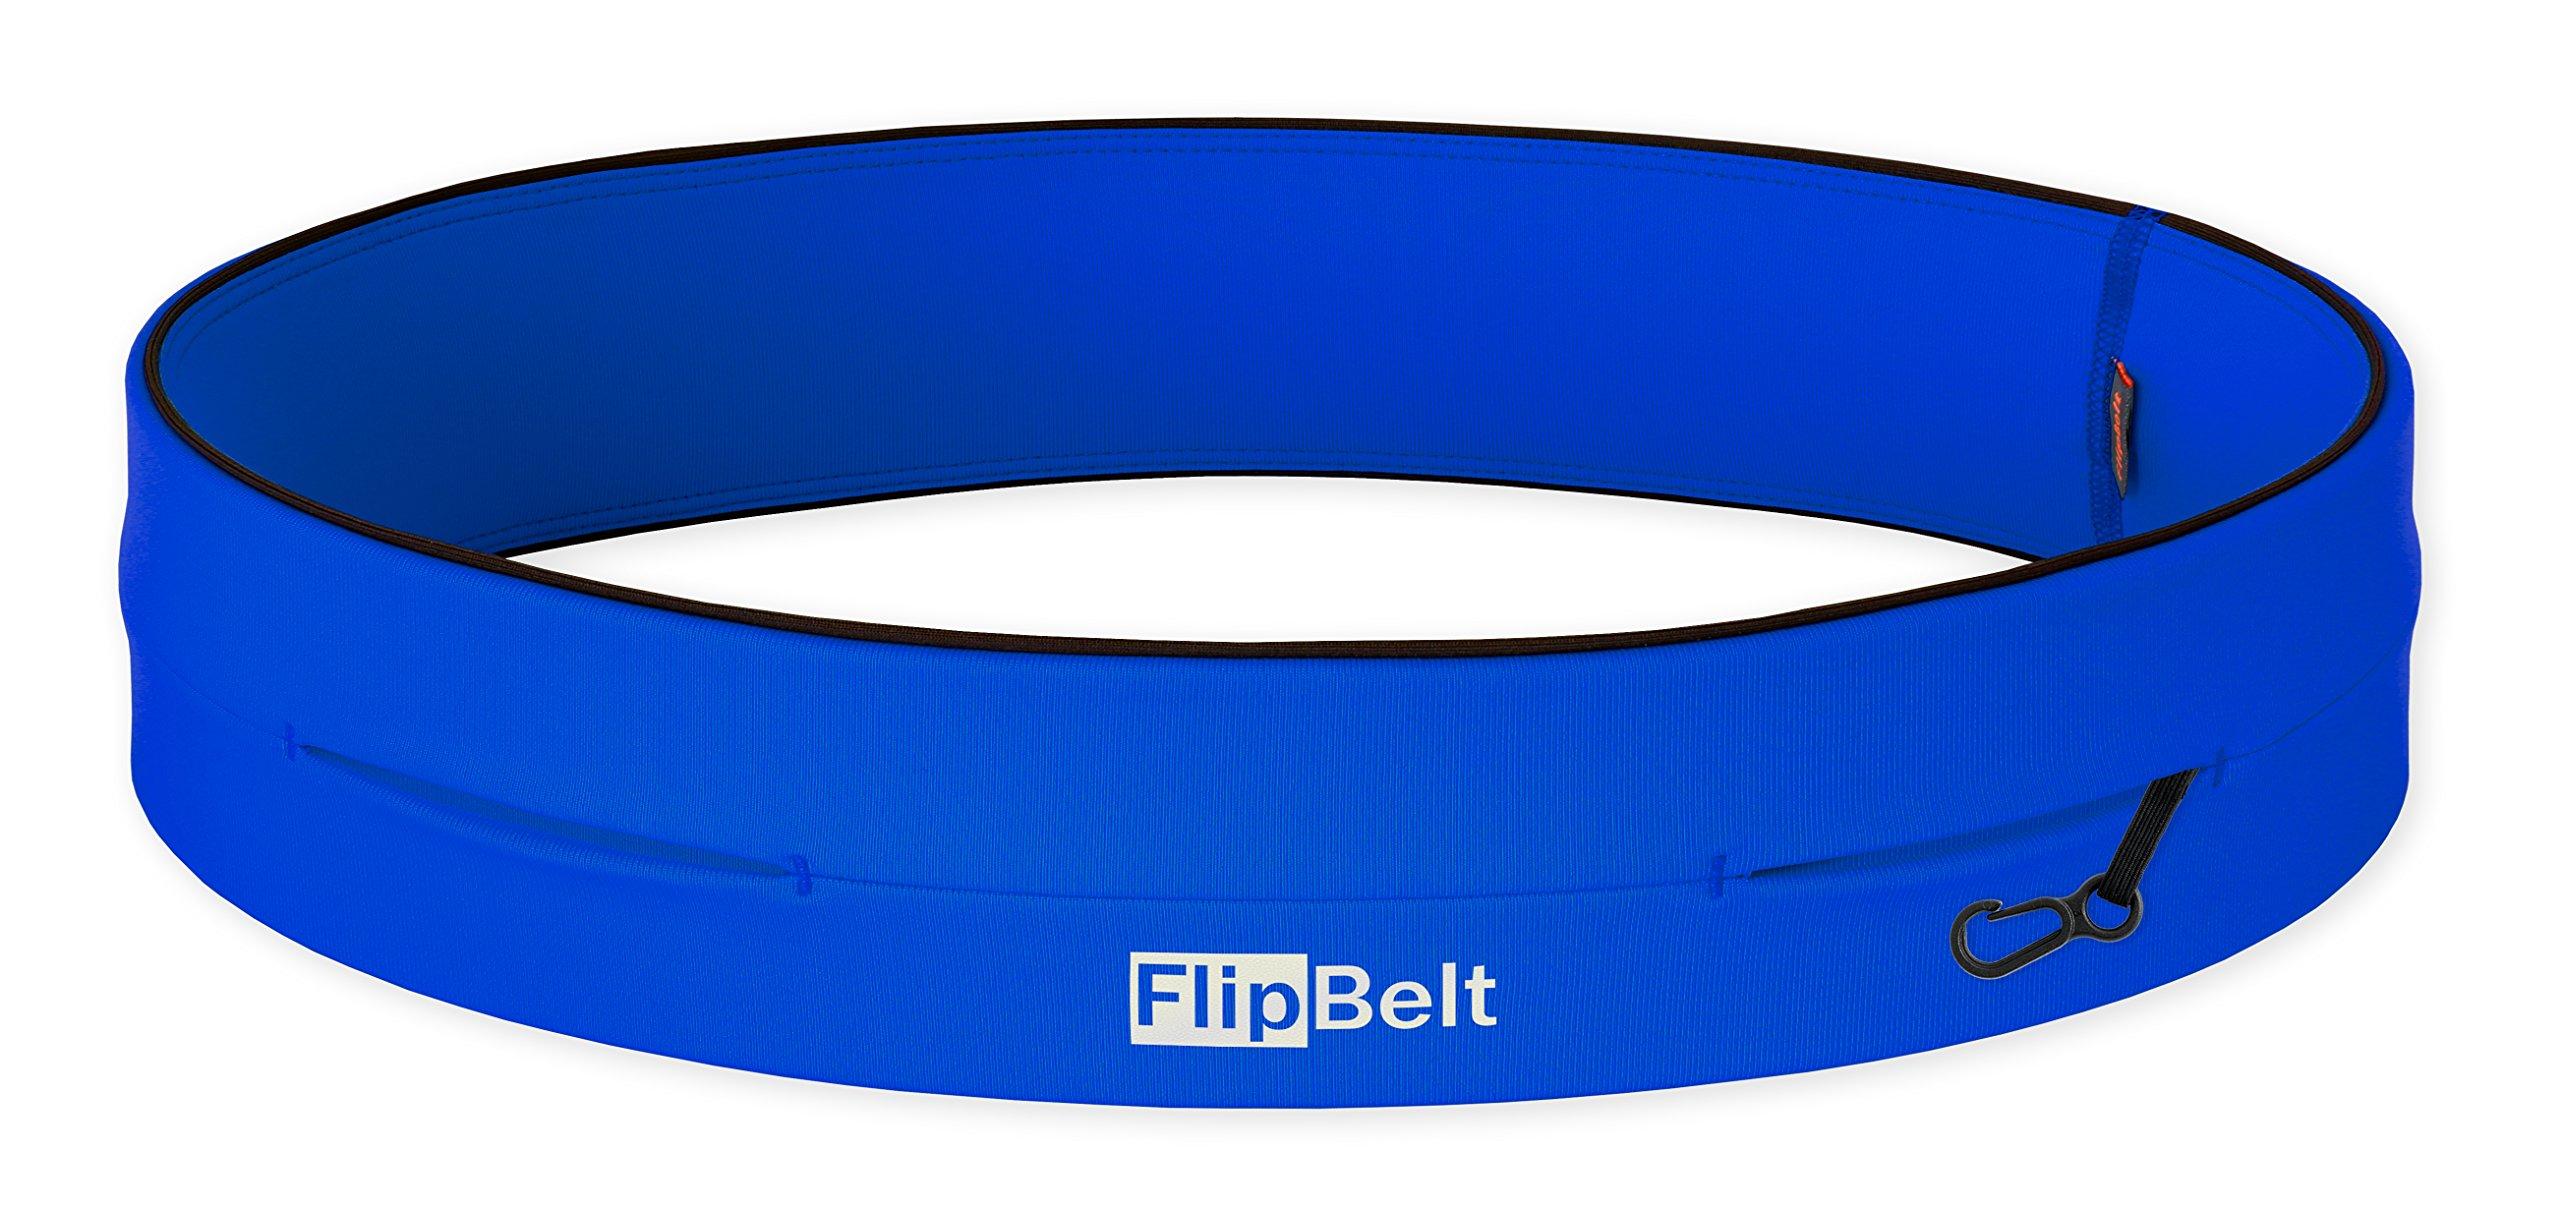 FlipBelt Level Terrain Waist Pouch, Royal Blue, X-Small/22-25